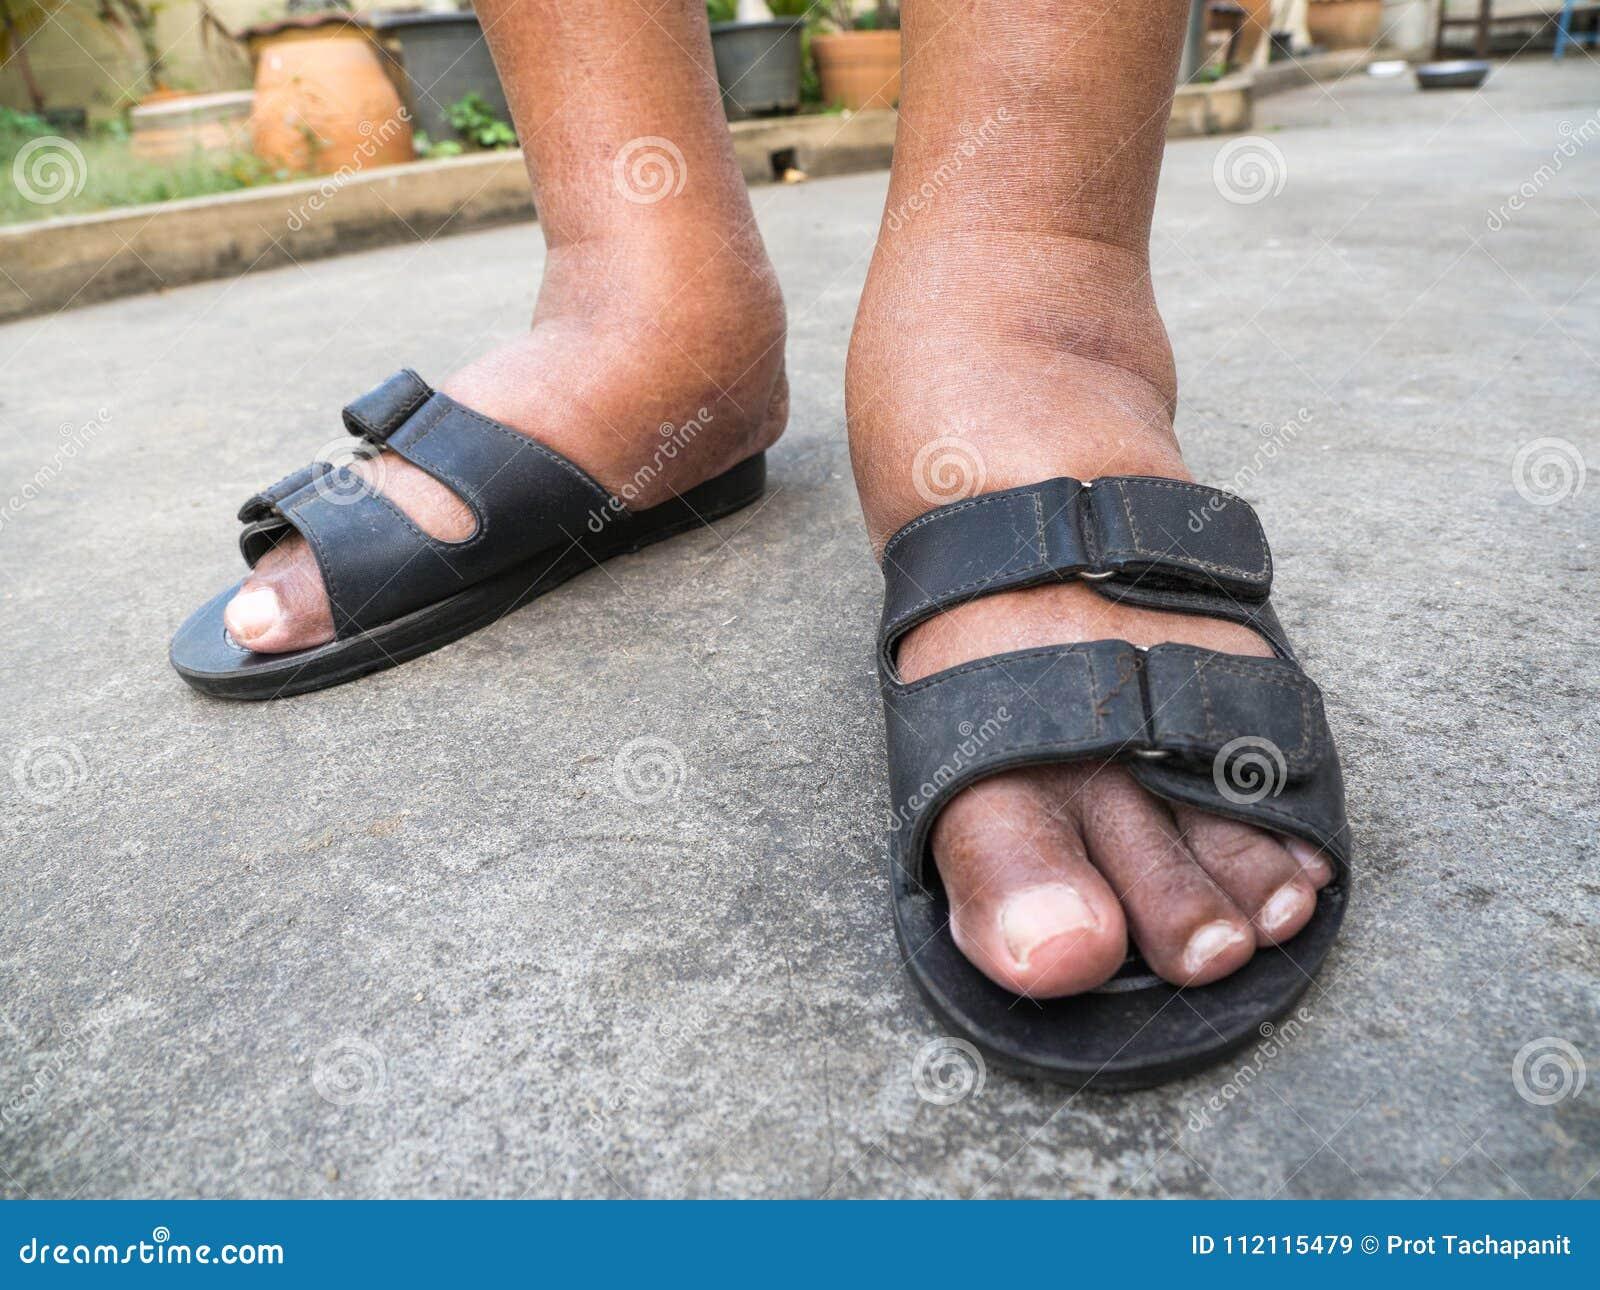 hinchazón de los pies y diabetes